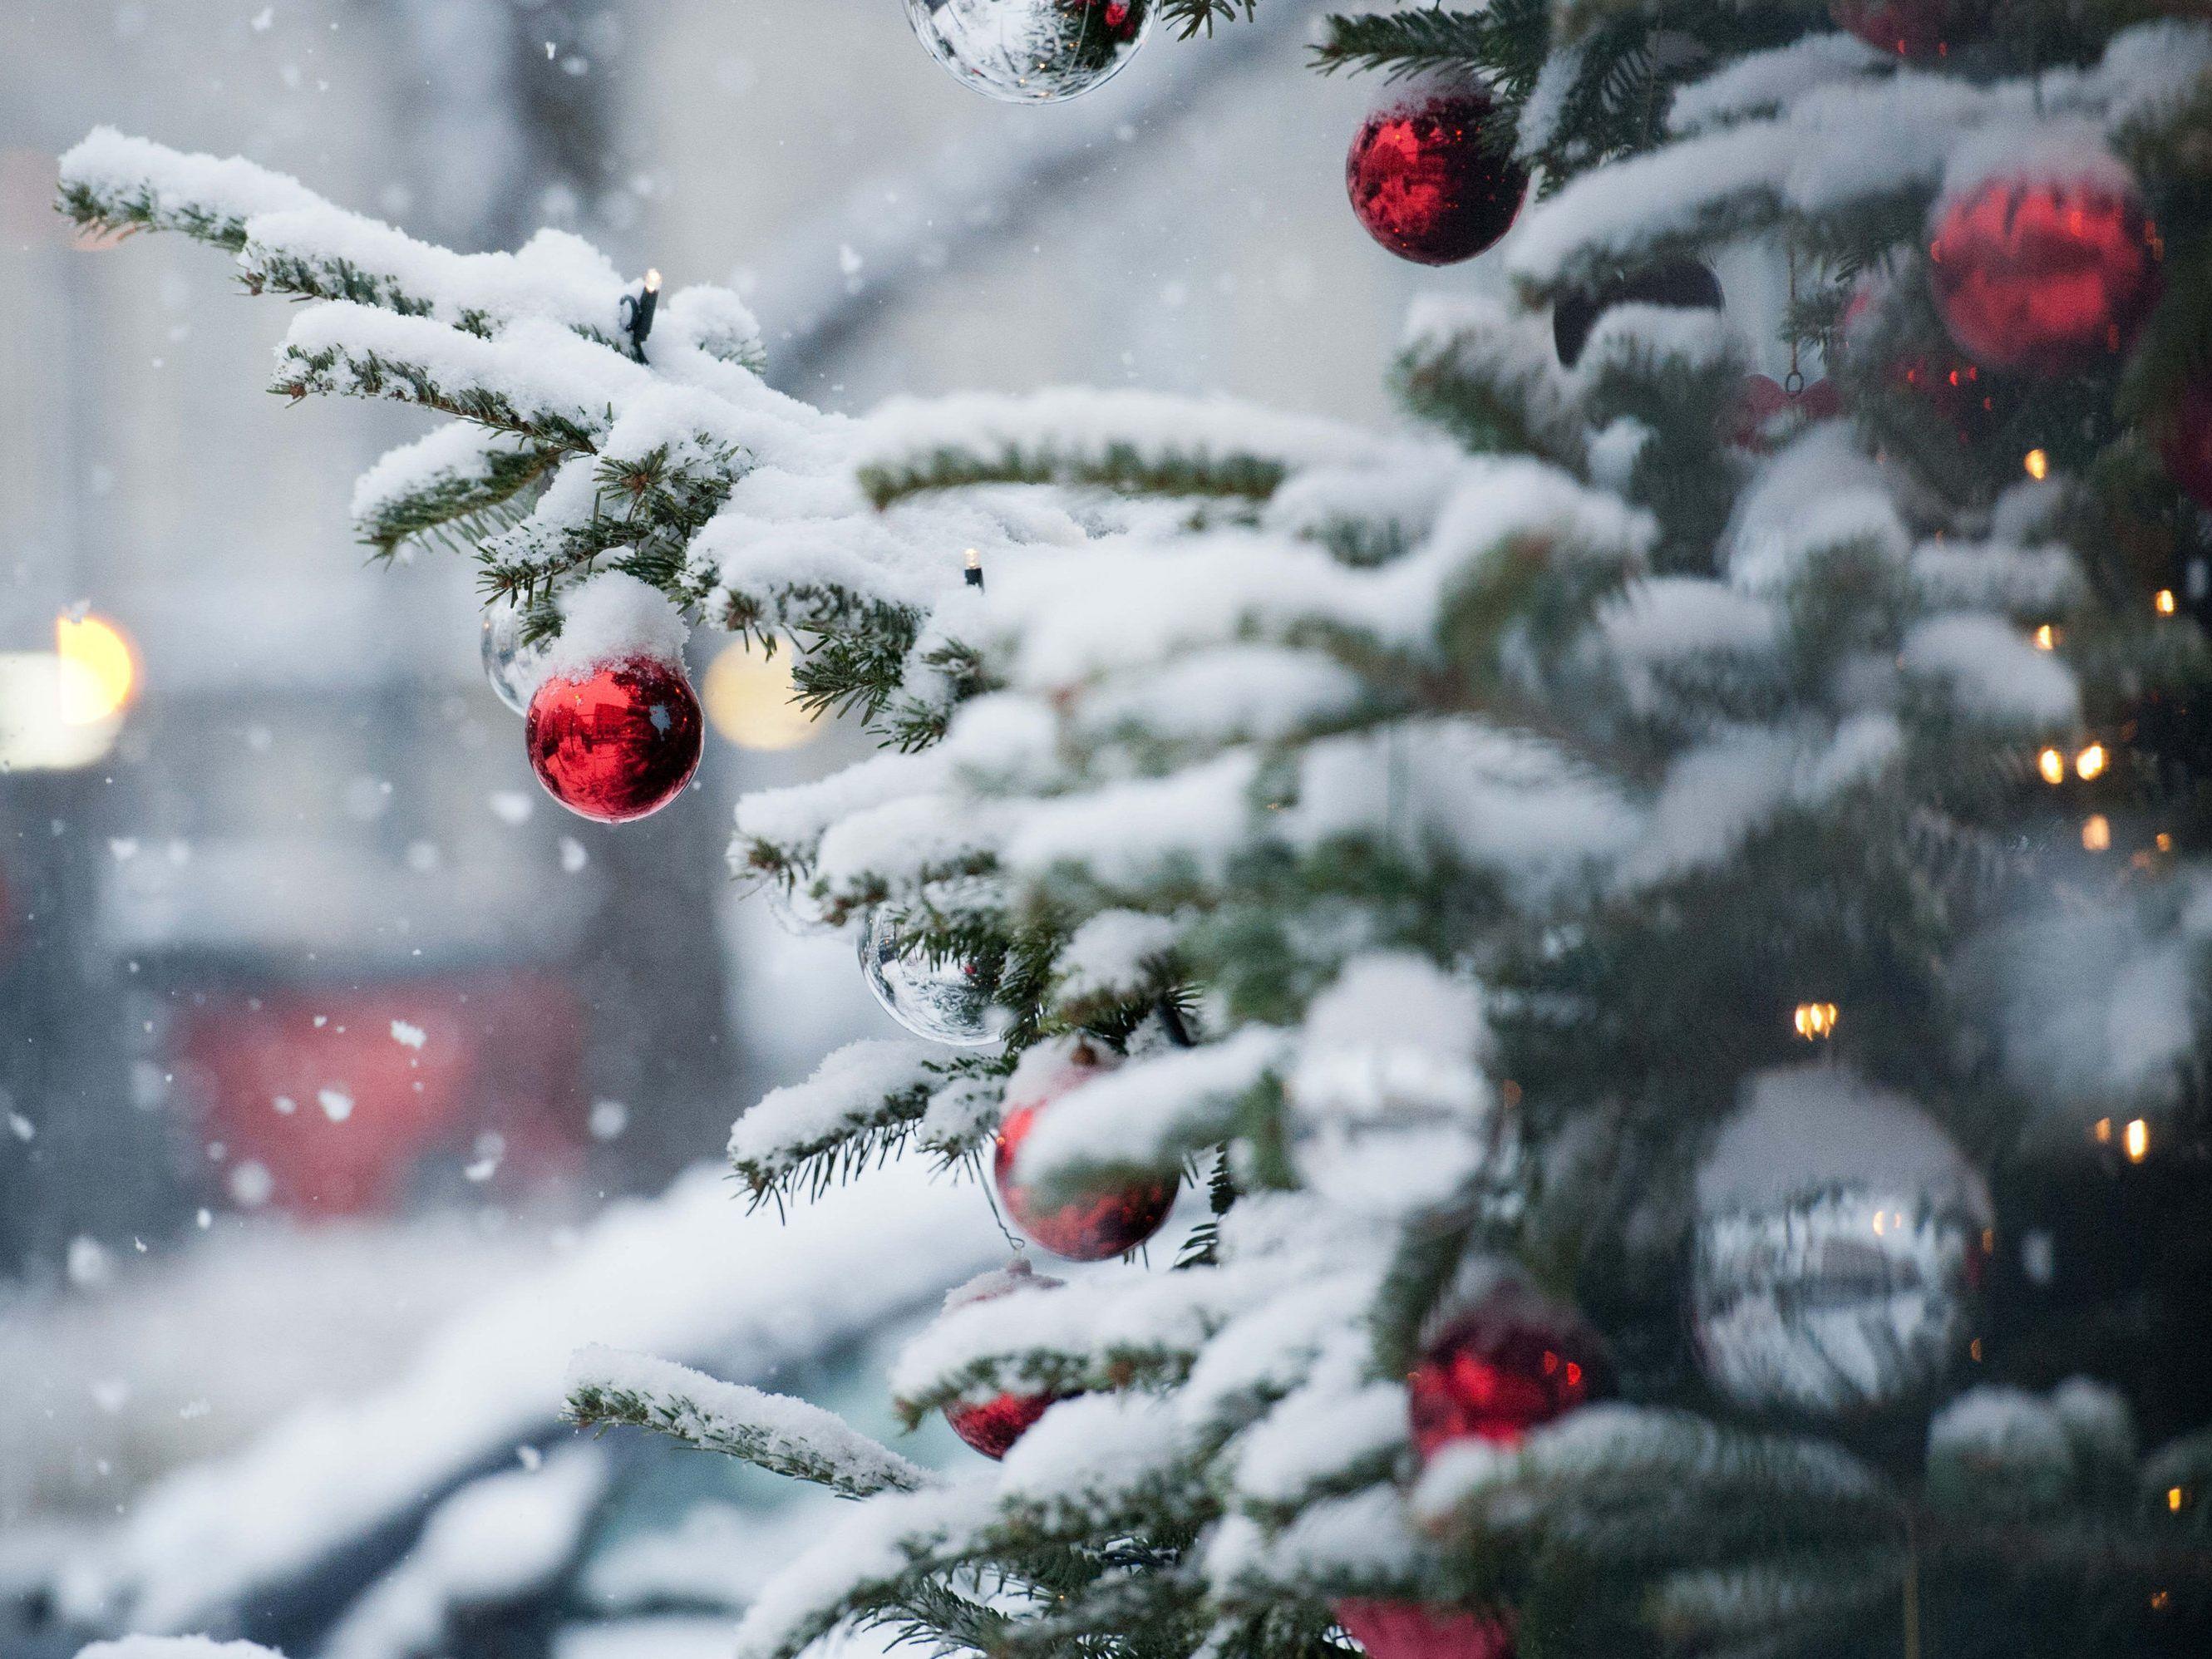 Schneeprognose Weihnachten 2019.Weisse Weihnachten 2018 Wie Stehen Die Chancen Auf Schnee